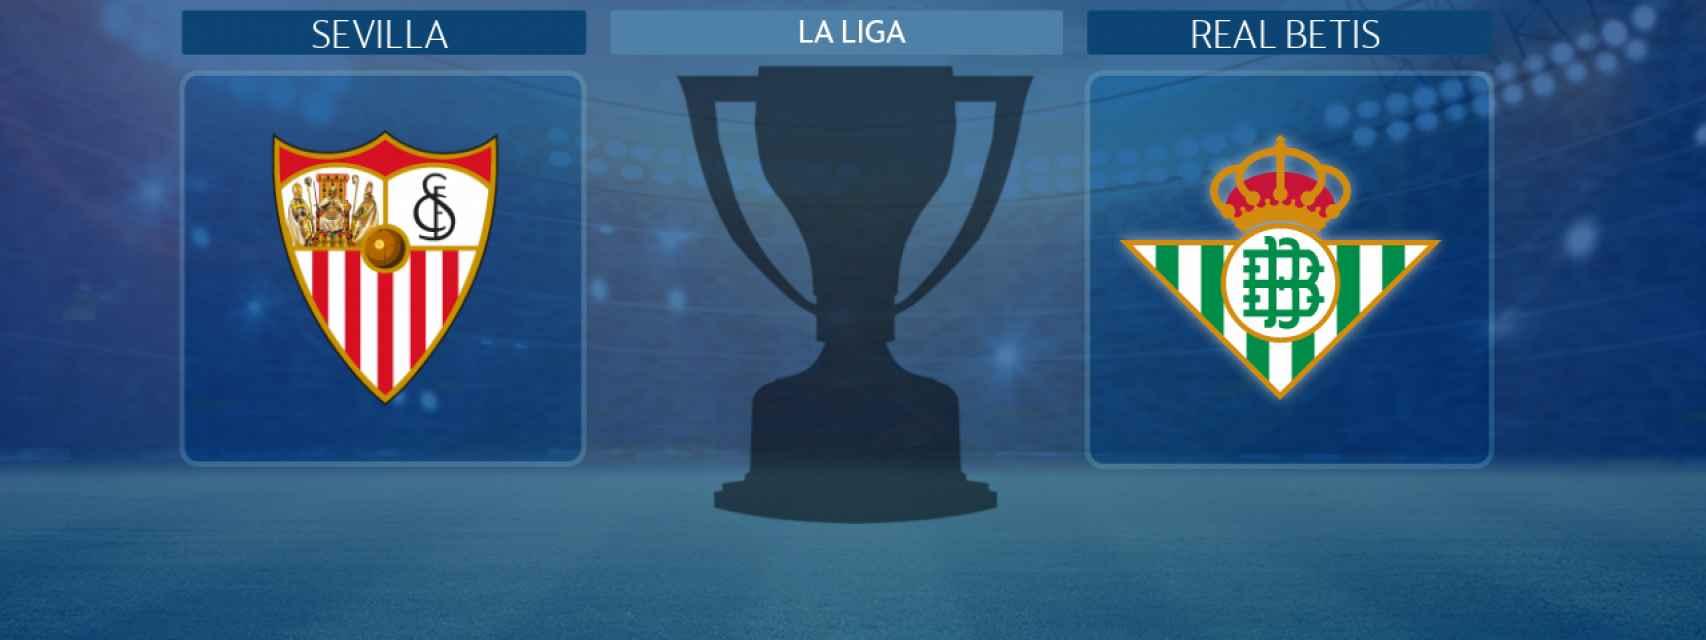 Sevilla - Real Betis, partido de La Liga